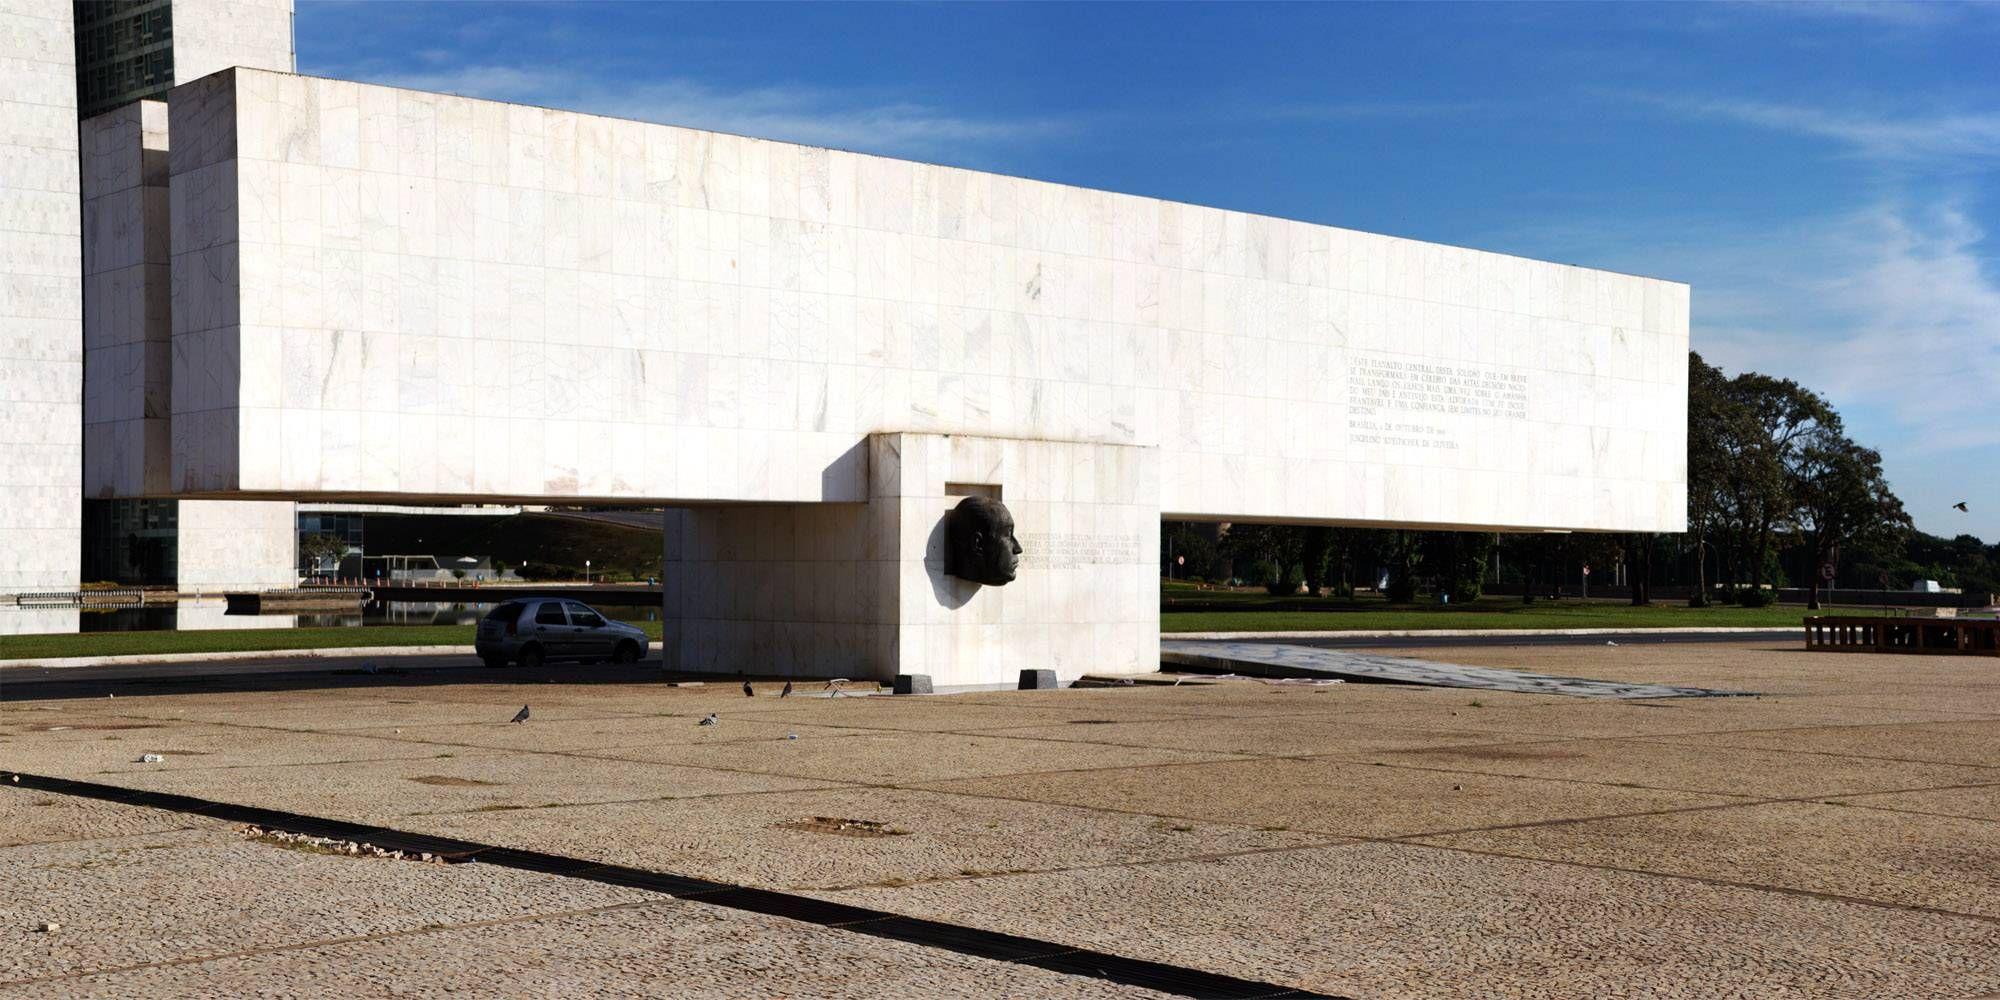 museu da cidade brasília Oscar niemayer, Museu e Cidade